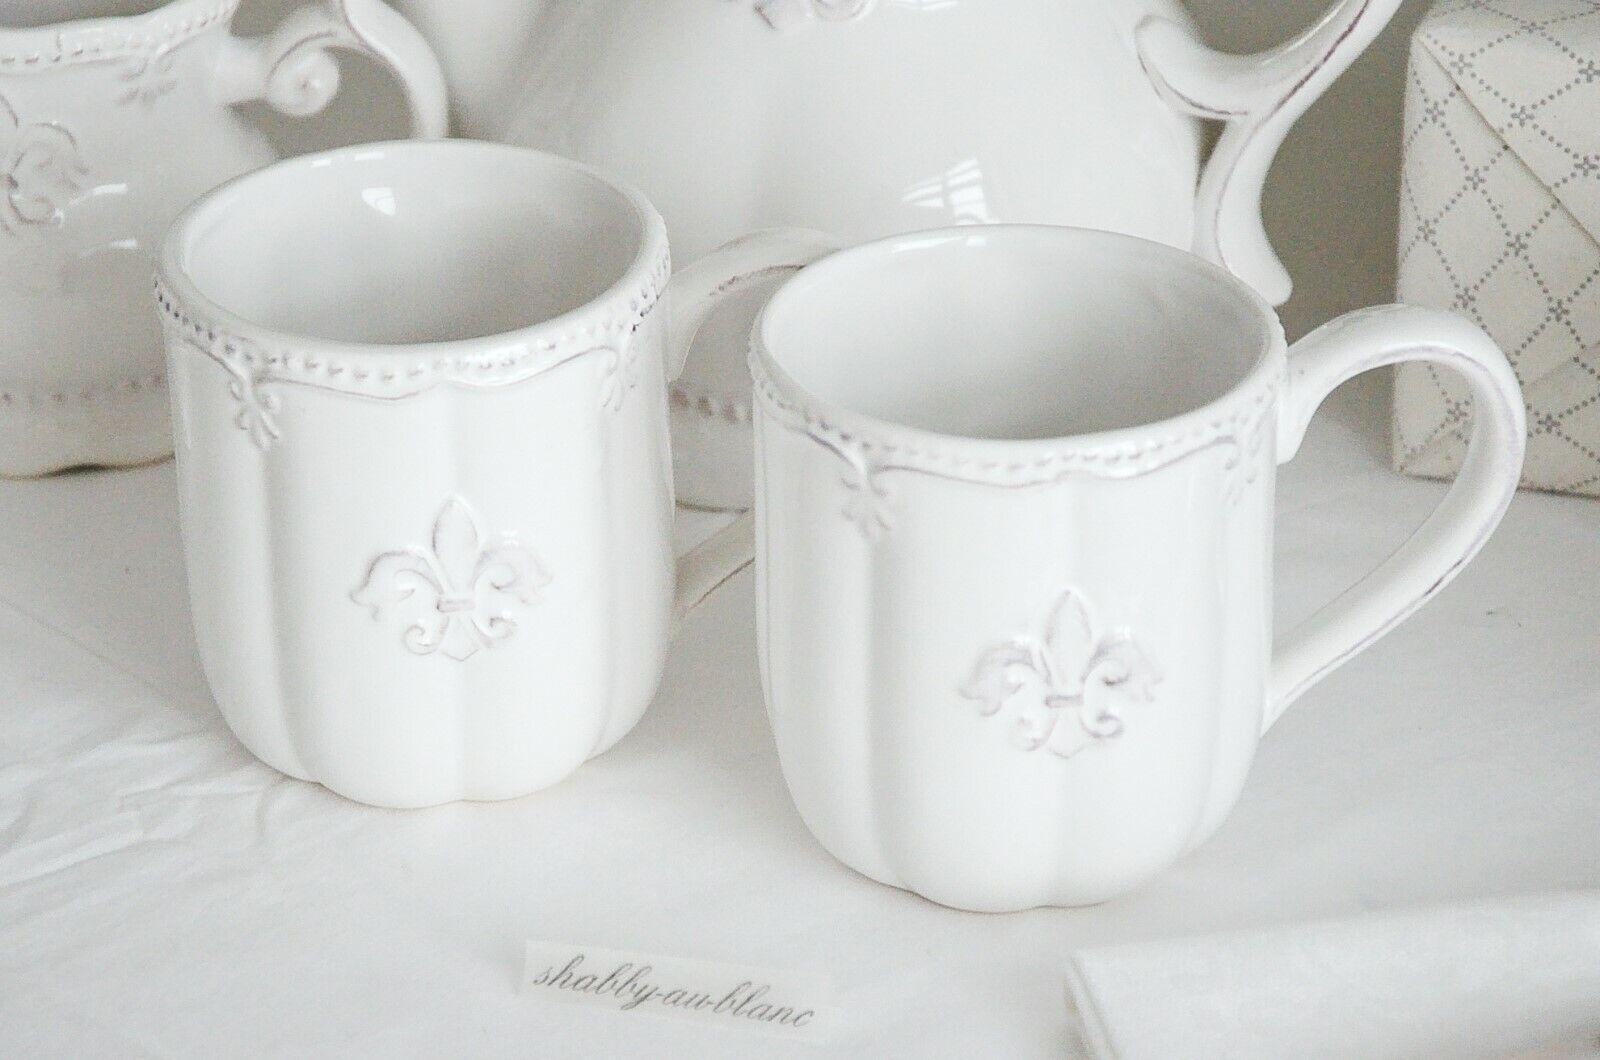 Clayre & Eef Becher Kaffee Tasse Teetasse französische Lilie Weiß Shabby Chic